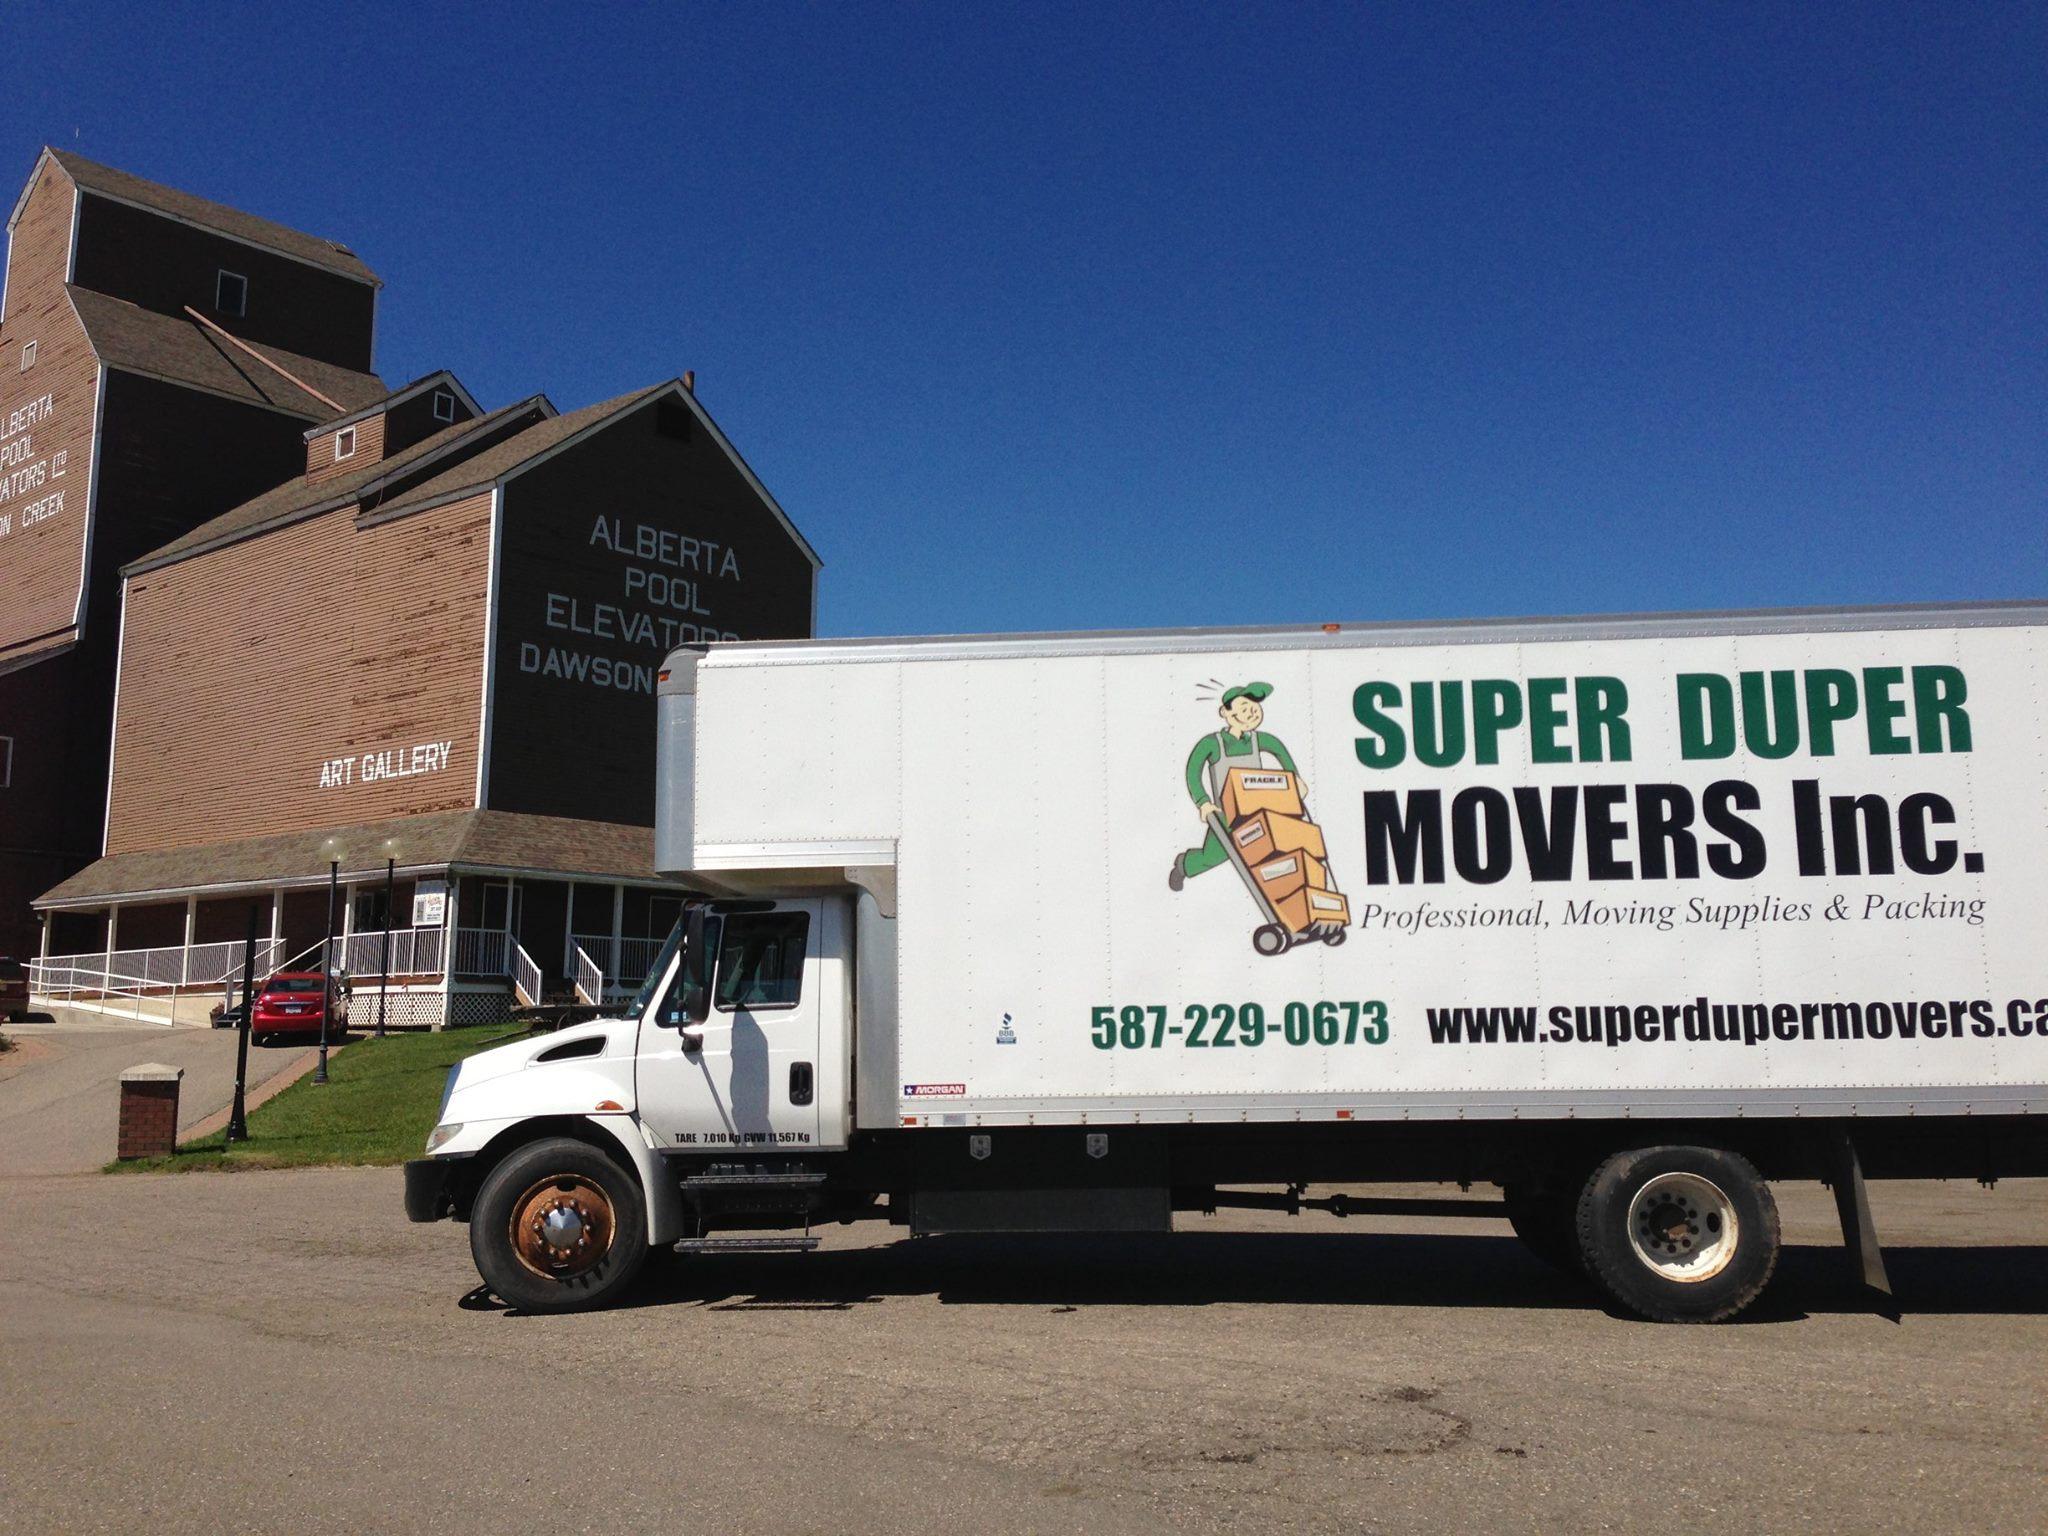 Image: Super Duper Movers via Facebook